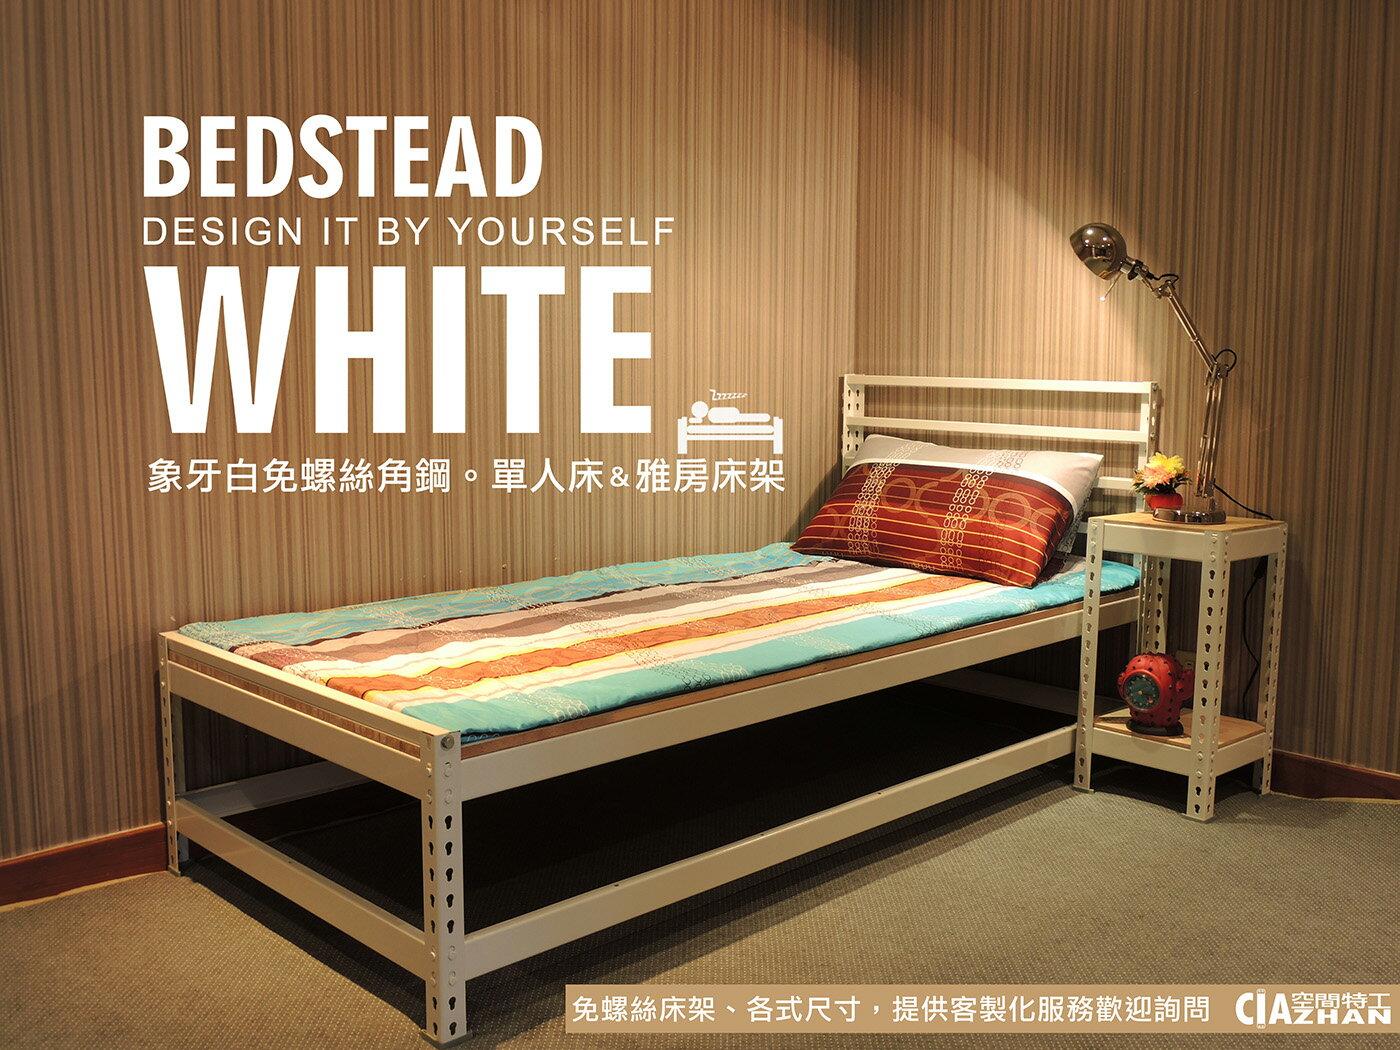 ?空間特工?北歐風 3尺單人床 象牙白床架設計 床台 寢具 免螺絲角鋼床架 床鋪 床板 可訂製 免運